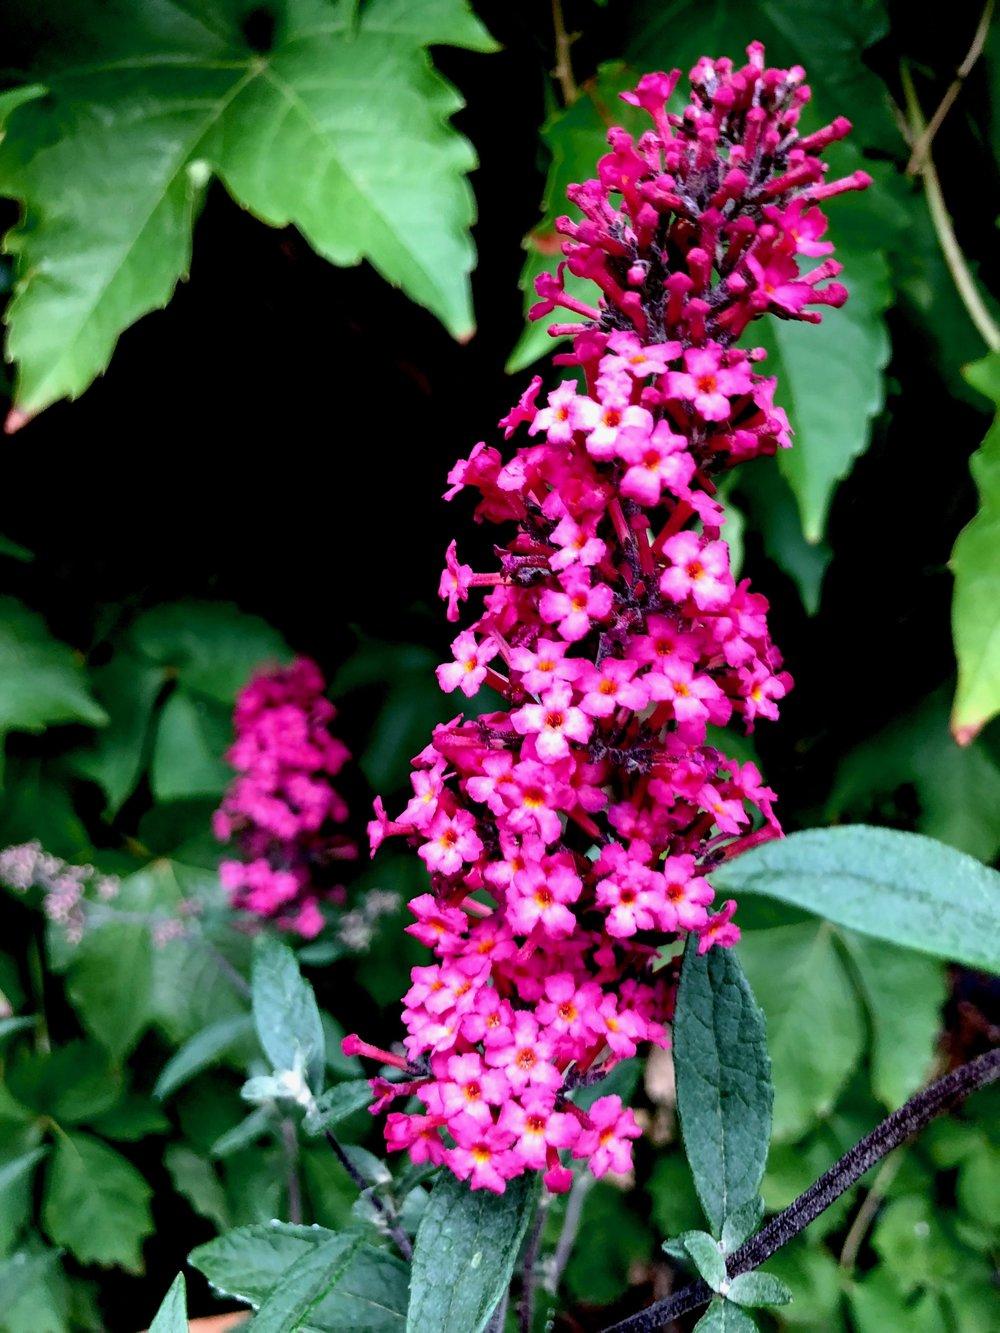 Det er godt med planter, der fylder lidt i krukkerne. Jeg har ikke tidligere haft sommerfuglebusk i krukke, men jeg har læst mig til, at det burde gå fint. De fryser nok tilbage til venter og skal klippes ned til foråret - ligesom busken i haven i øvrigt - men næste år vil den skyde fint. Husk i øvrigt at klippe visne blomster af din sommerfuglebusk, så vil den blomstre længere.